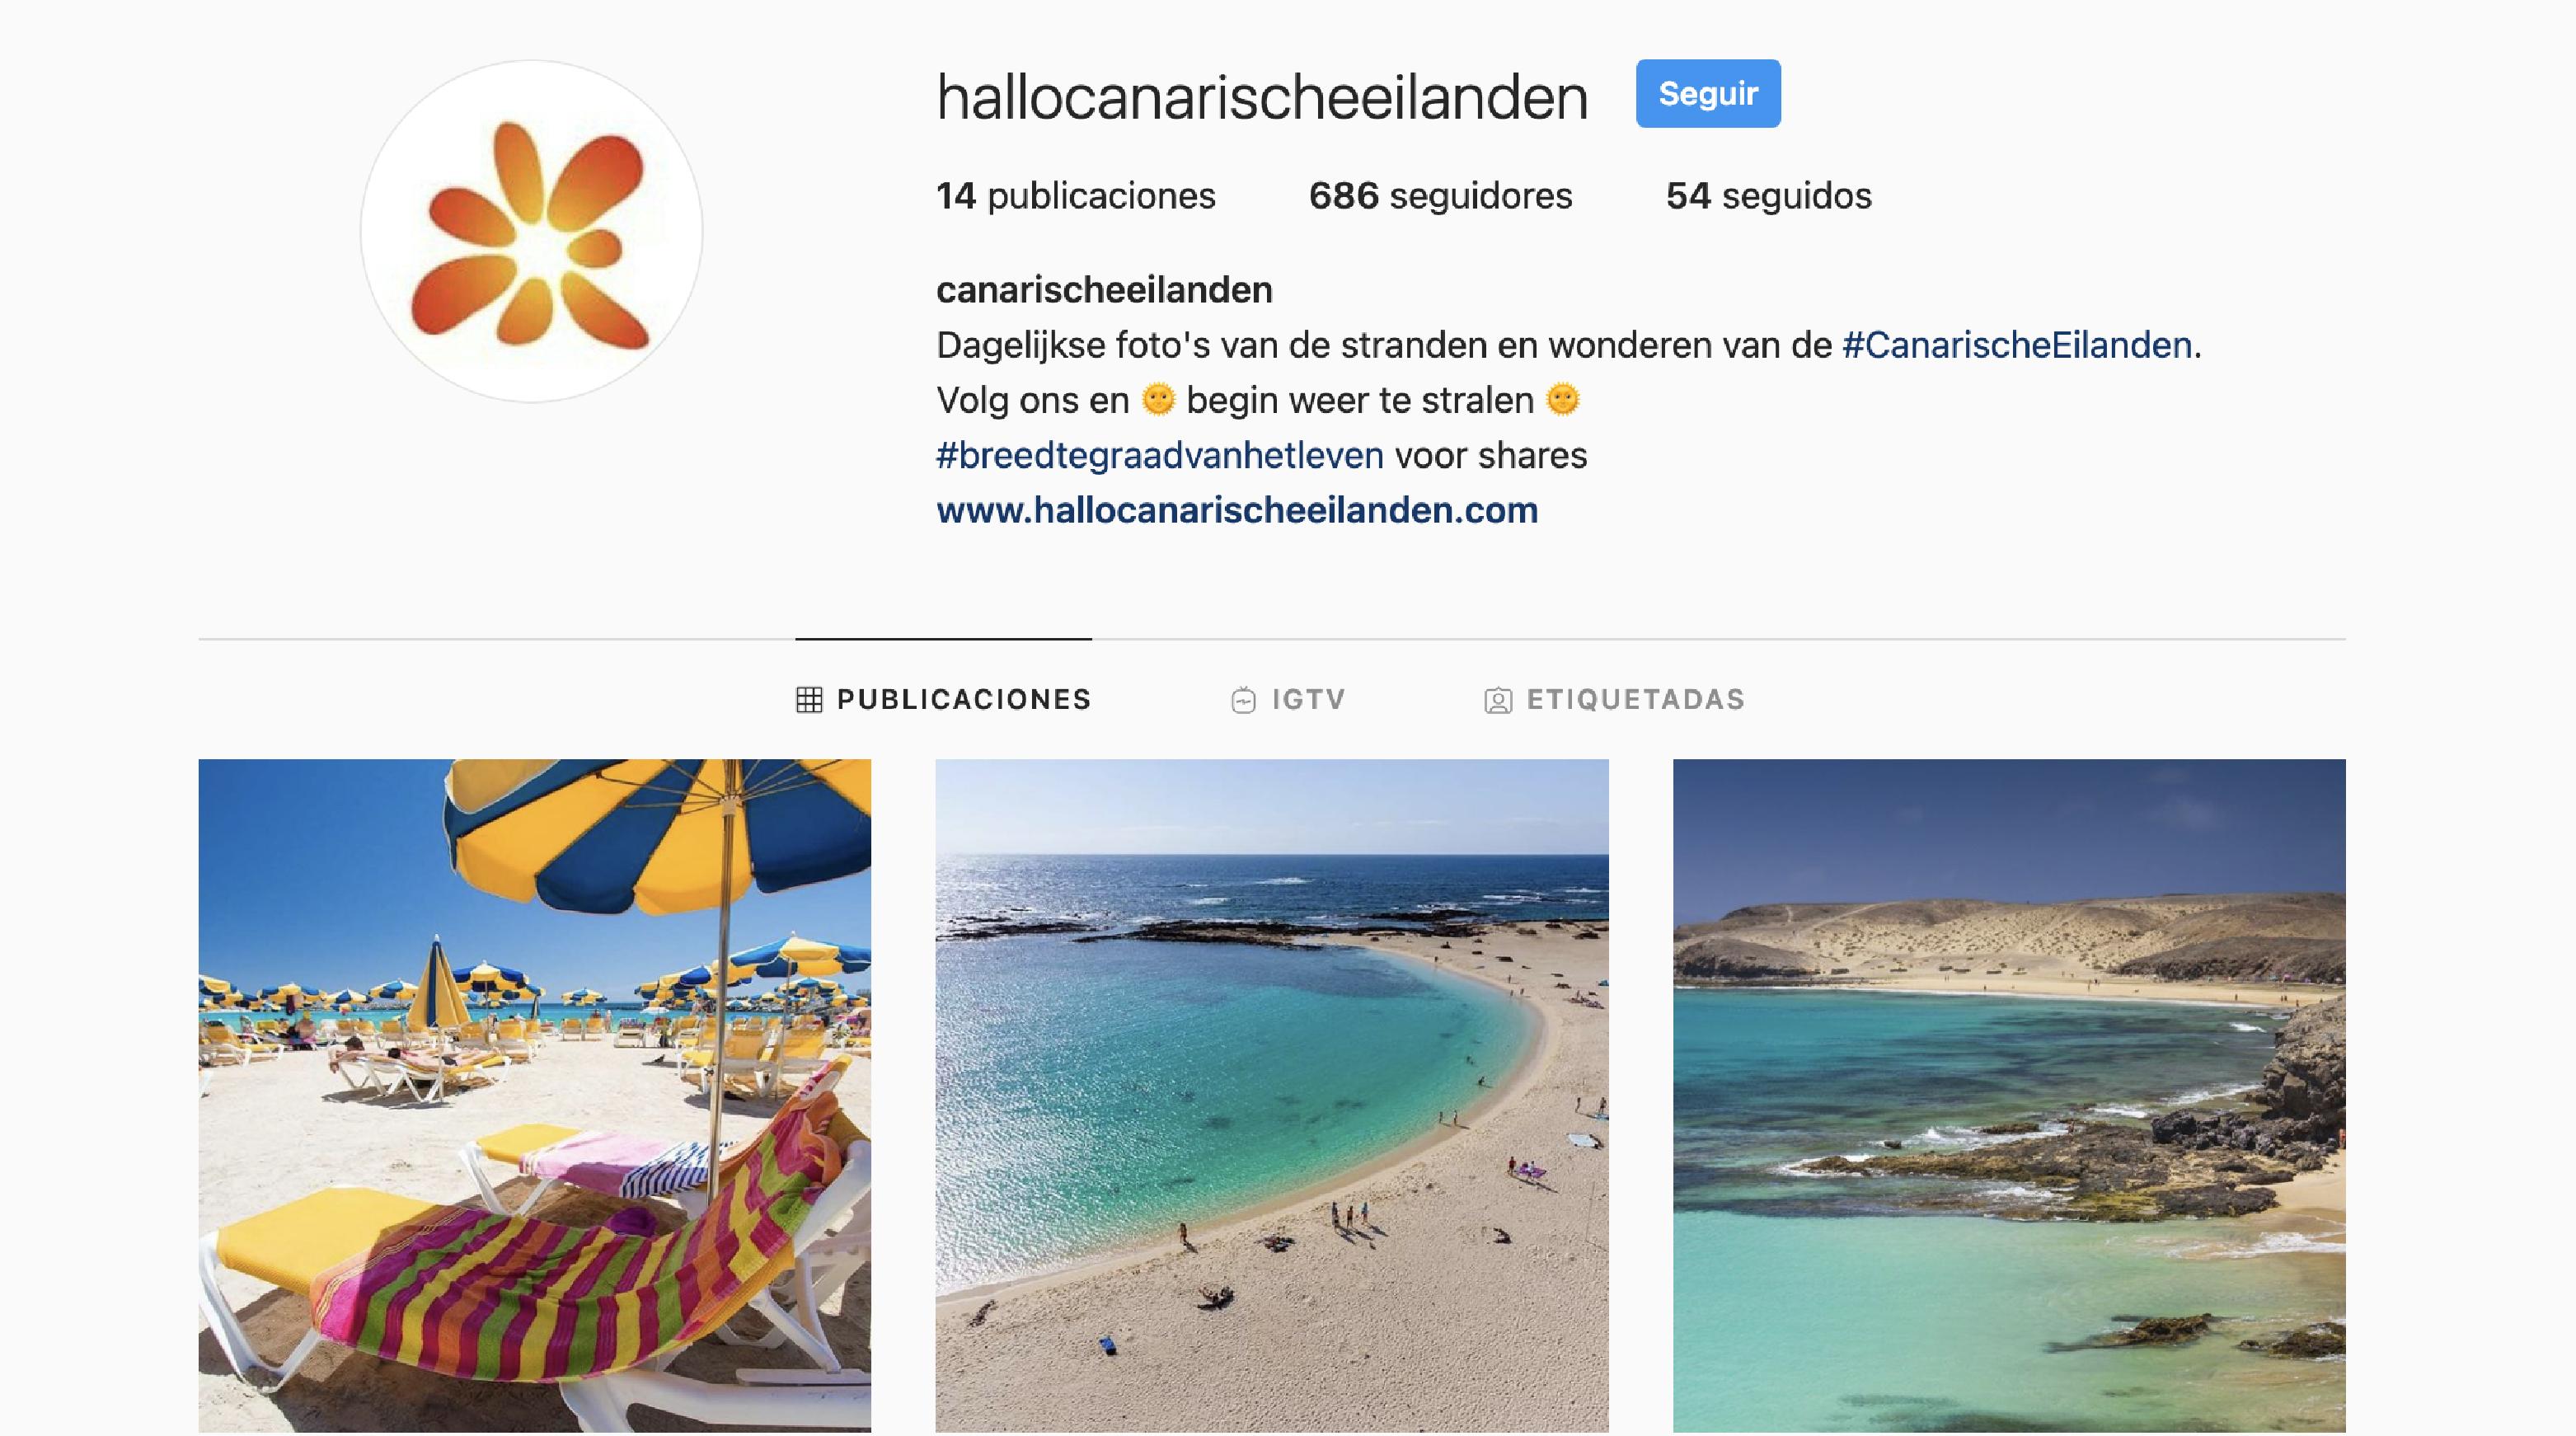 Turismo de Canarias amplía su presencia en Instagram con la apertura de perfiles en cinco nuevos idiomas.